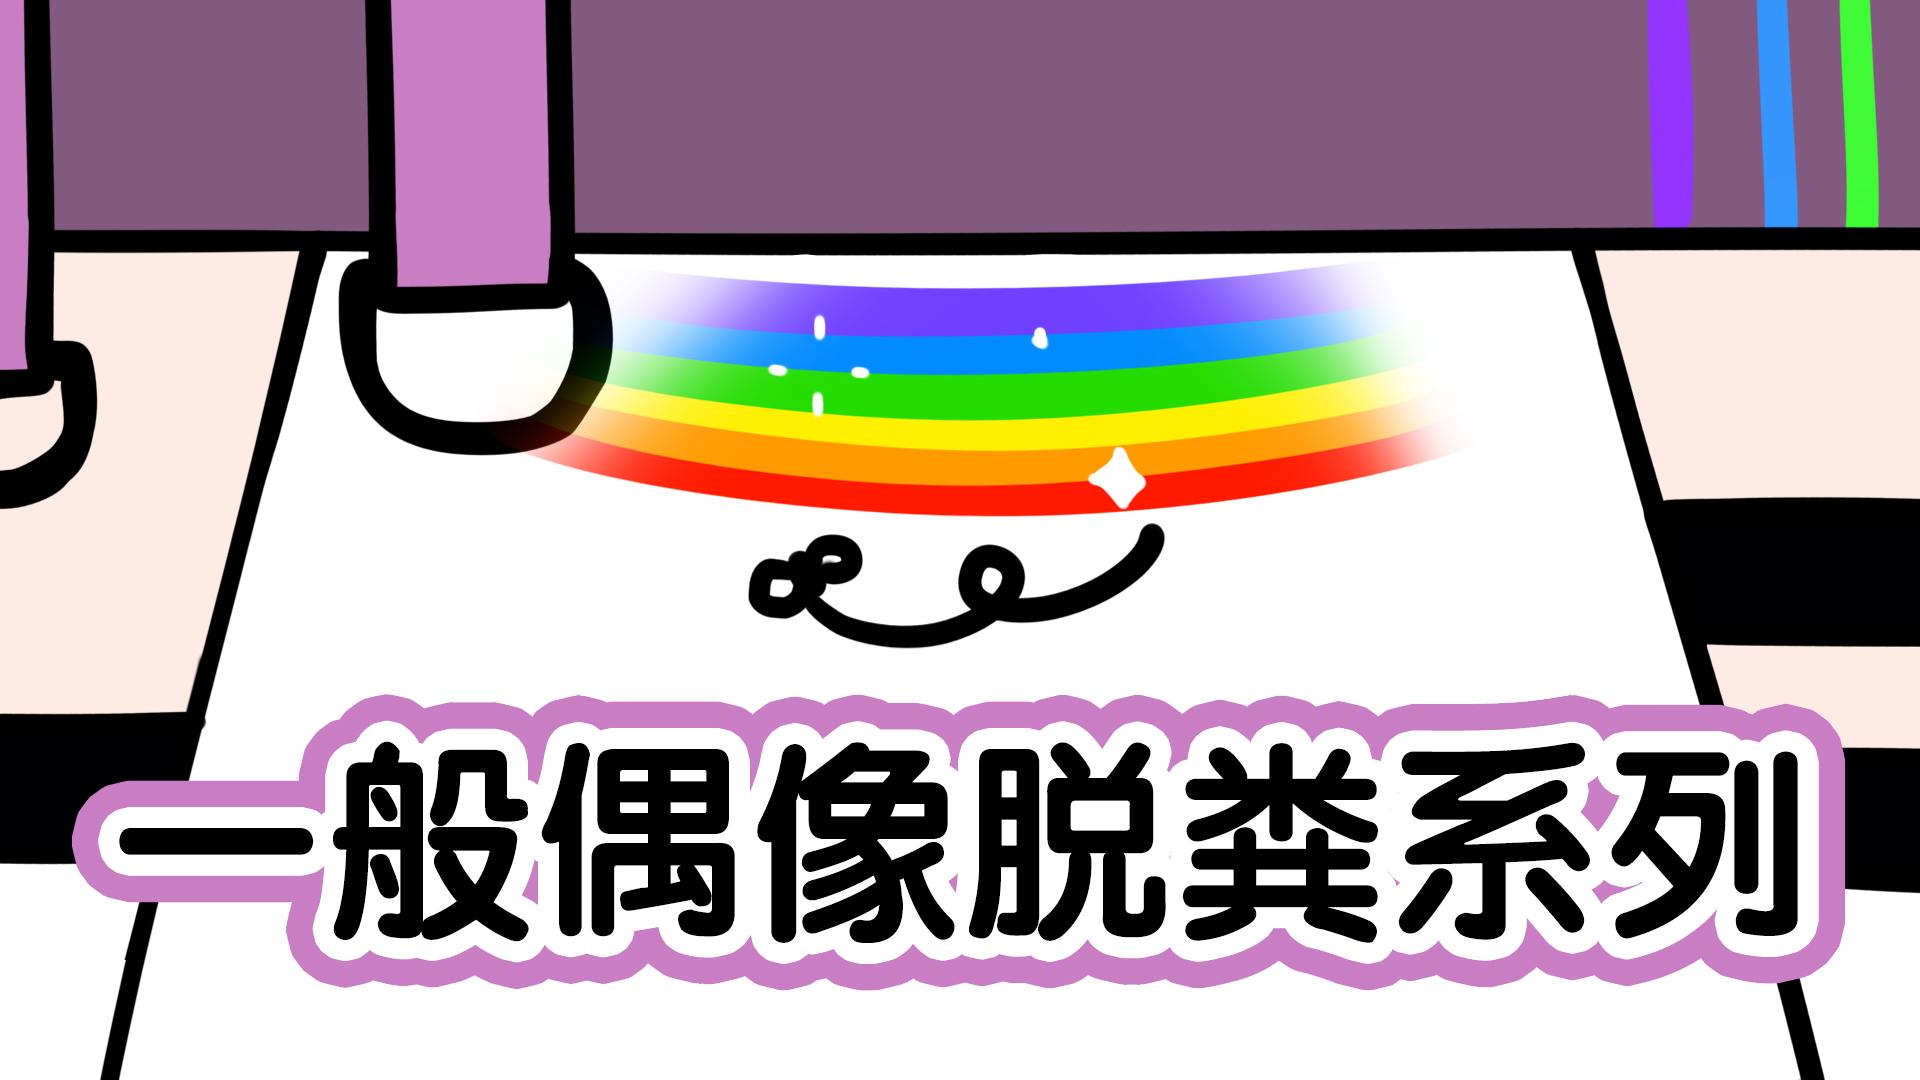 【画师】一般偶像脱糞系列【翻唱】